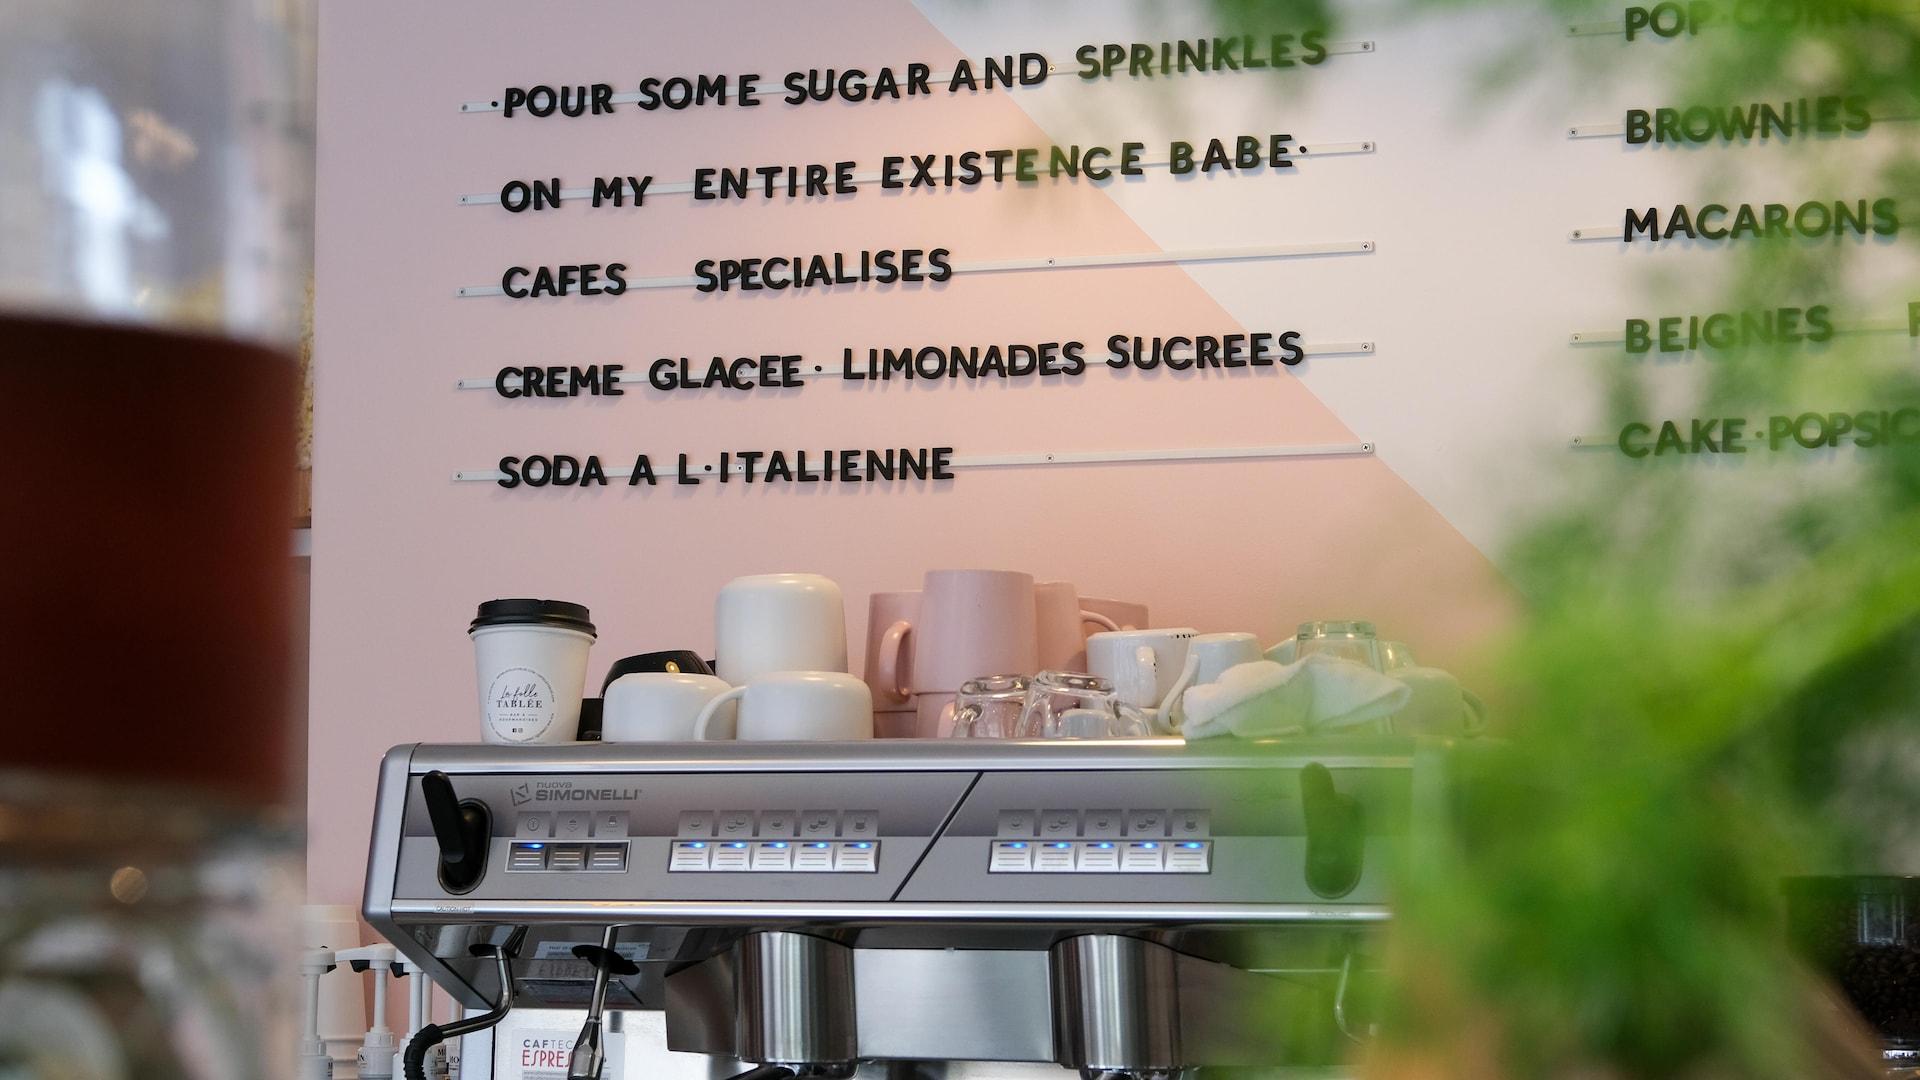 Le menu du café-boutique.